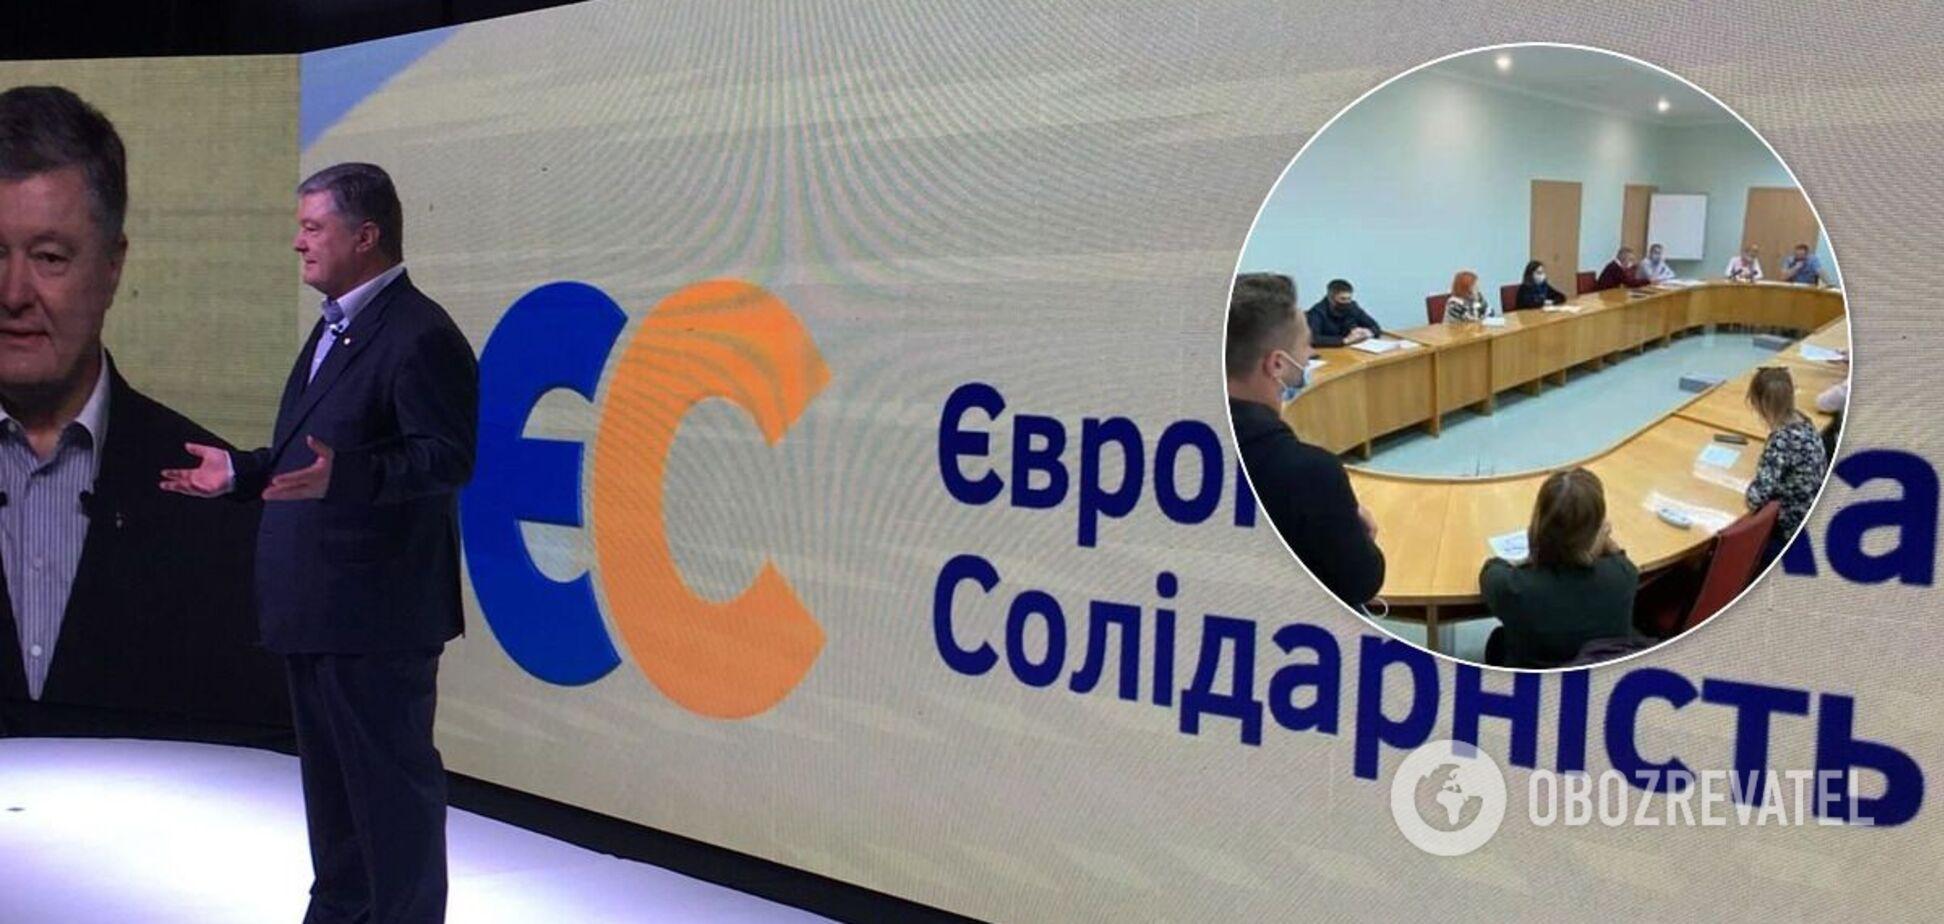 'Європейська солідарність' зажадала розпуску ТВК у Кременчуці через порушення закону